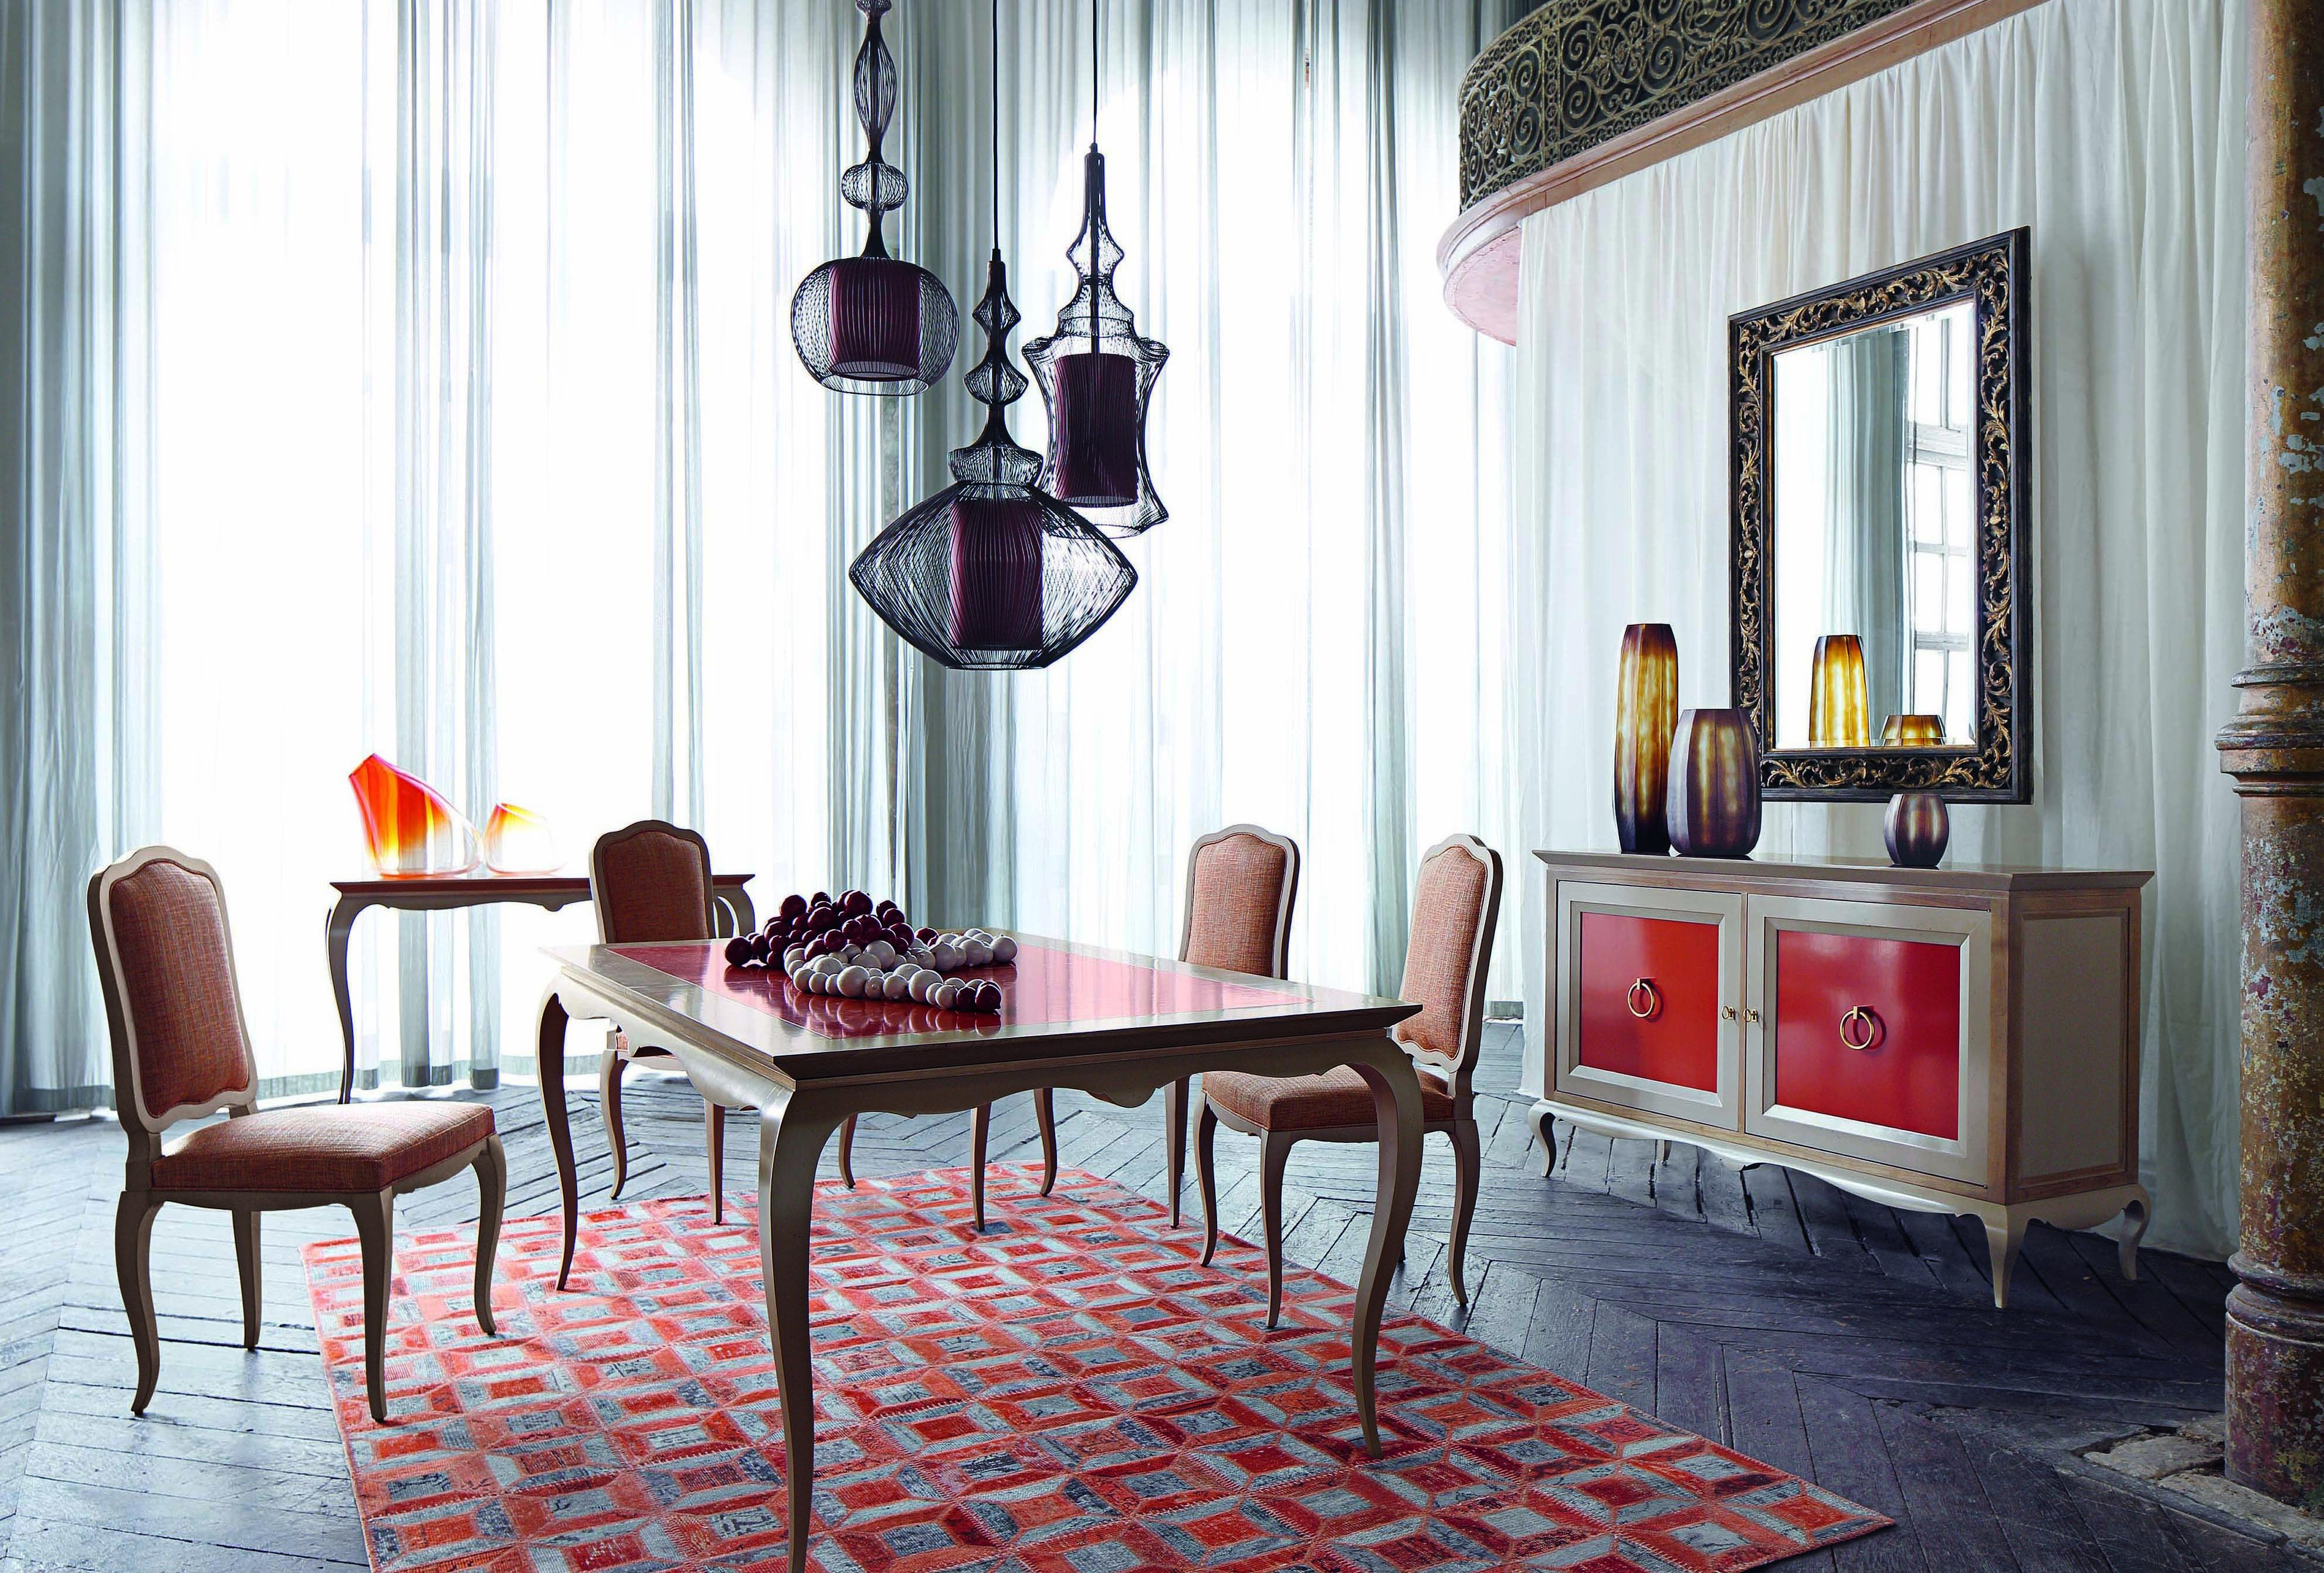 Roche Bobois - Bel Ami Dining Table - Design Pierre Dubois encequiconcerne Table Salle À Manger Roche Bobois